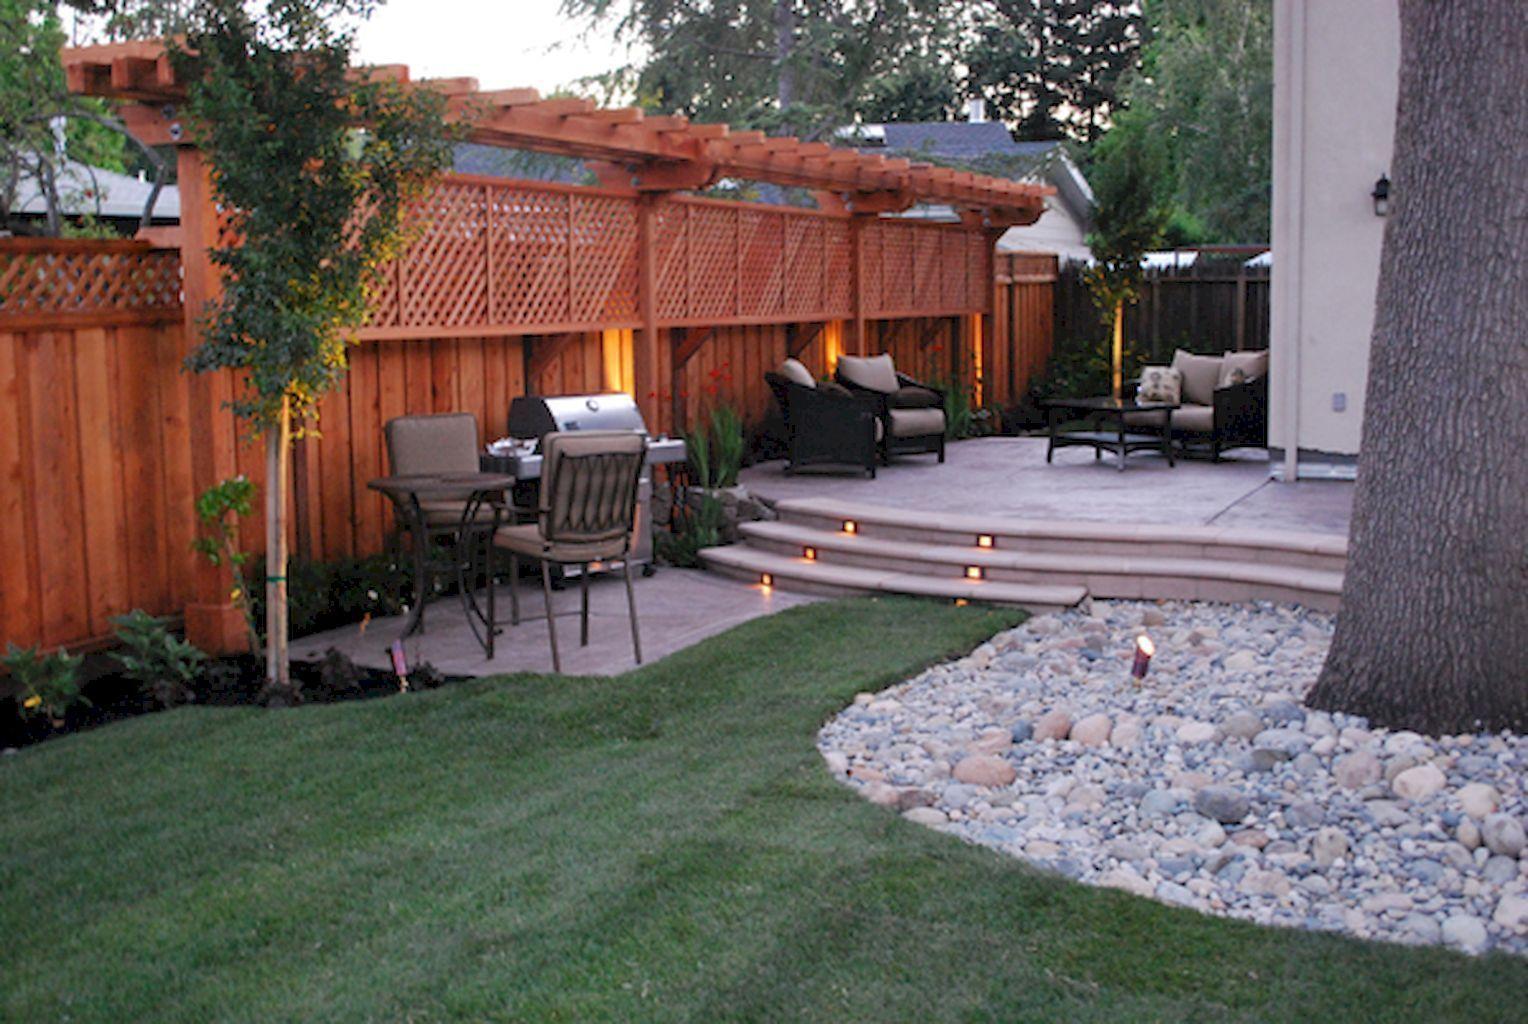 Terrassen- und Gartenideen aus Holz mit Sichtschutzzaun (8) – HomeSp specific